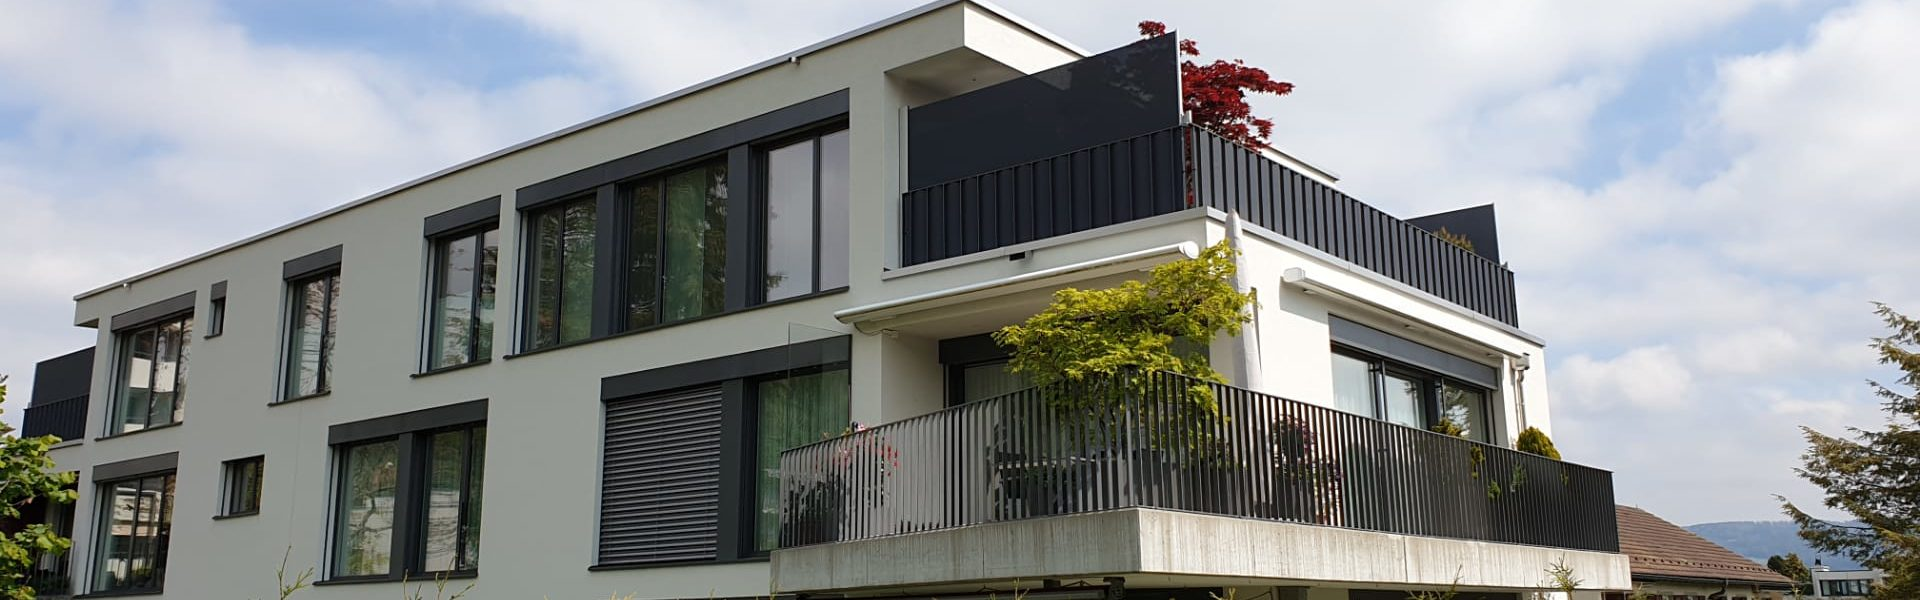 ombra Windschutz und Sichtschutz aufrollbar und Balkonschutz in Geländer eingeflochten